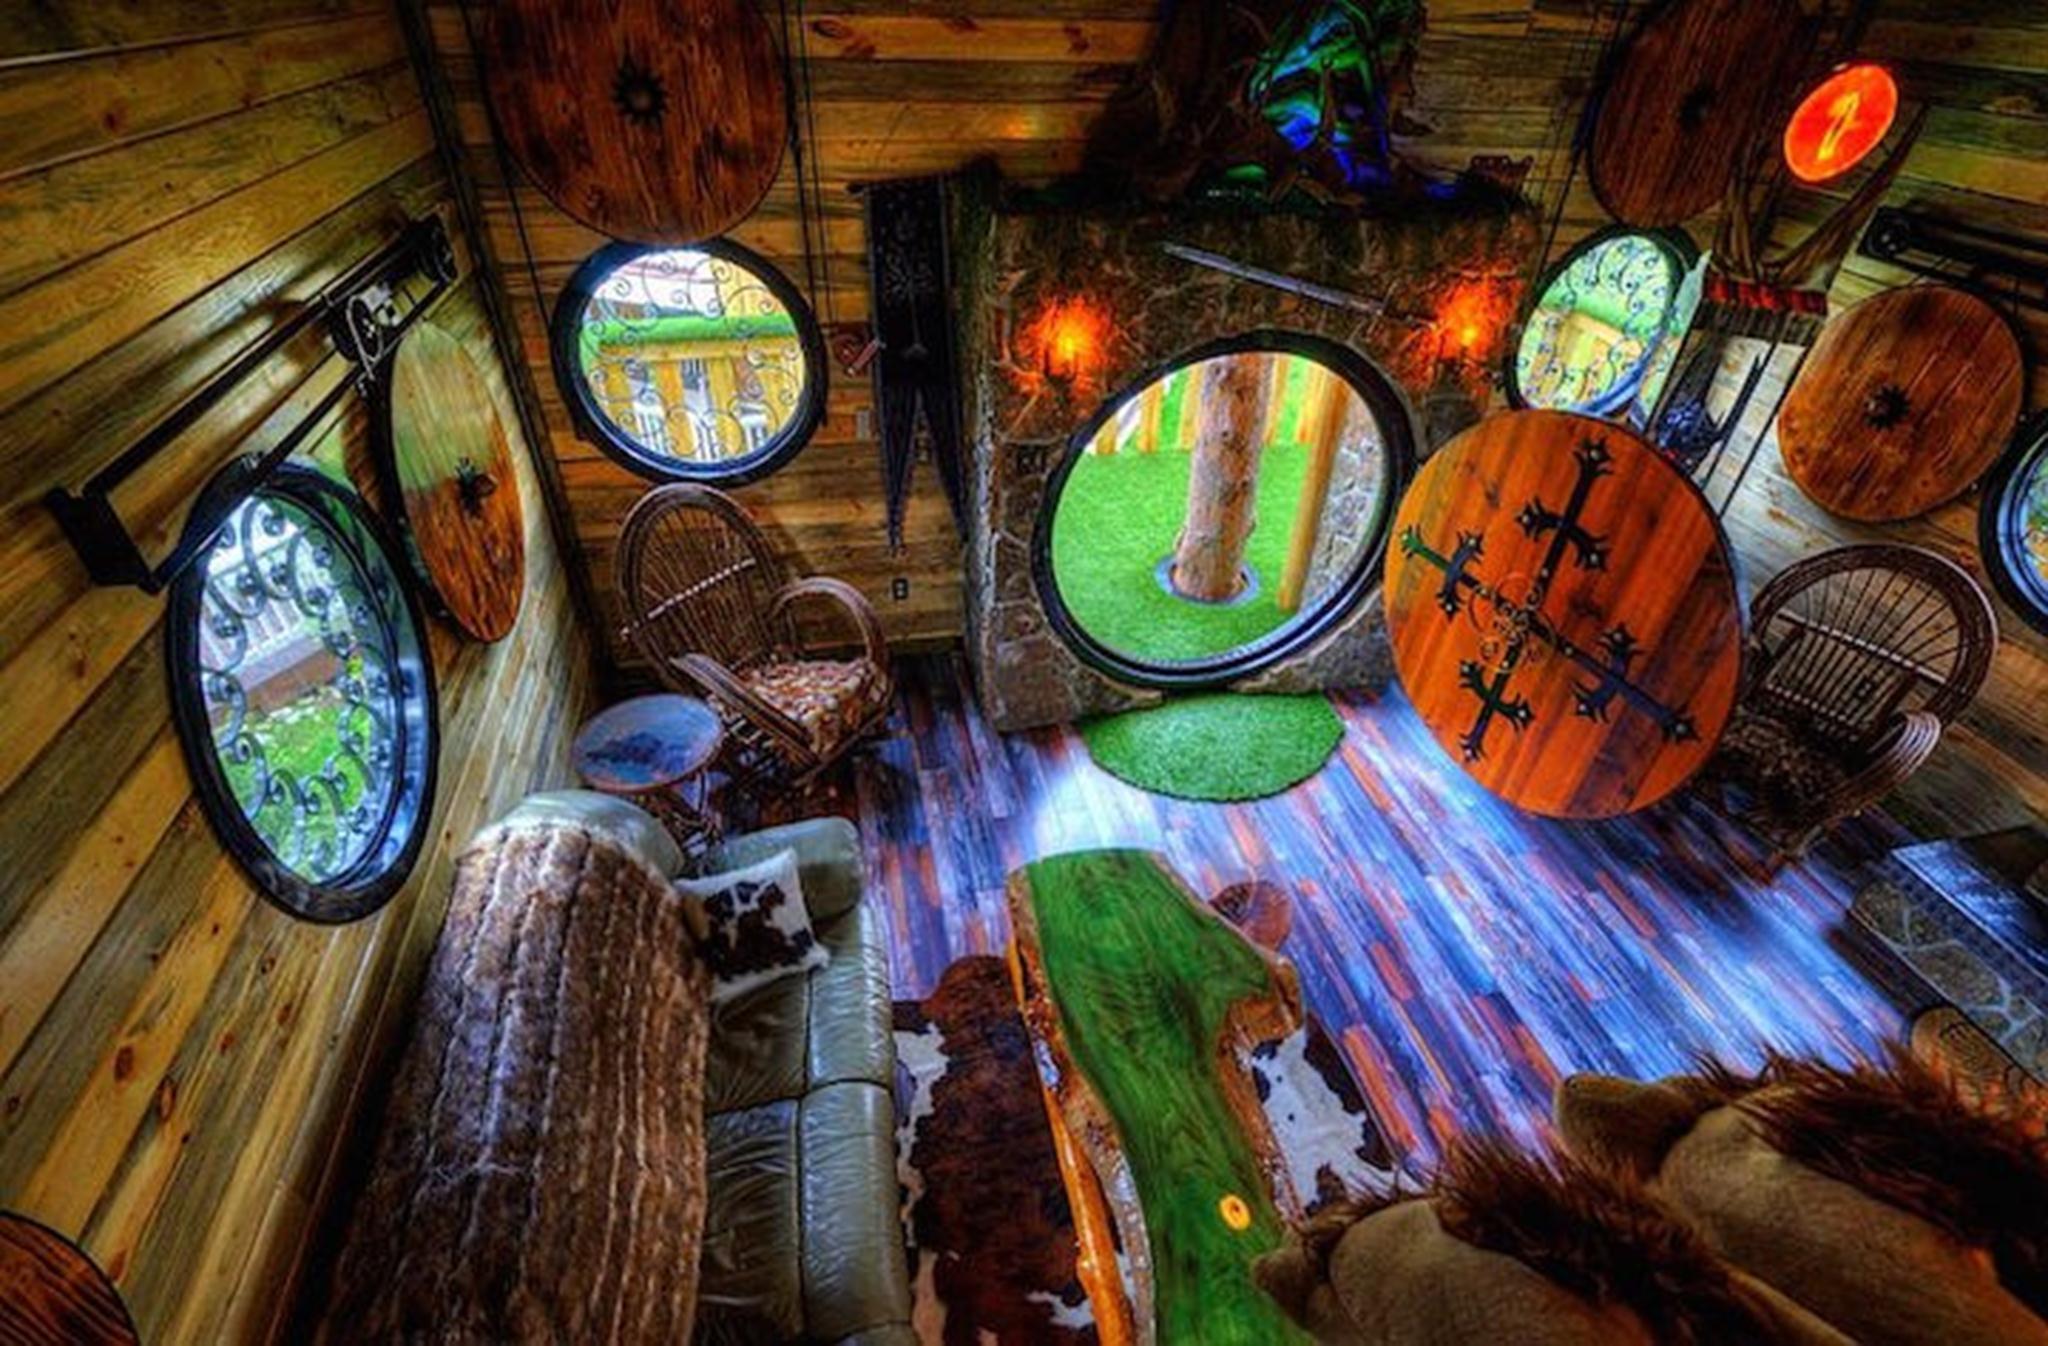 Dép đi trong nhà Hobbit được thiết kế đặc biệt cho tất cả các nhóm tuổi.